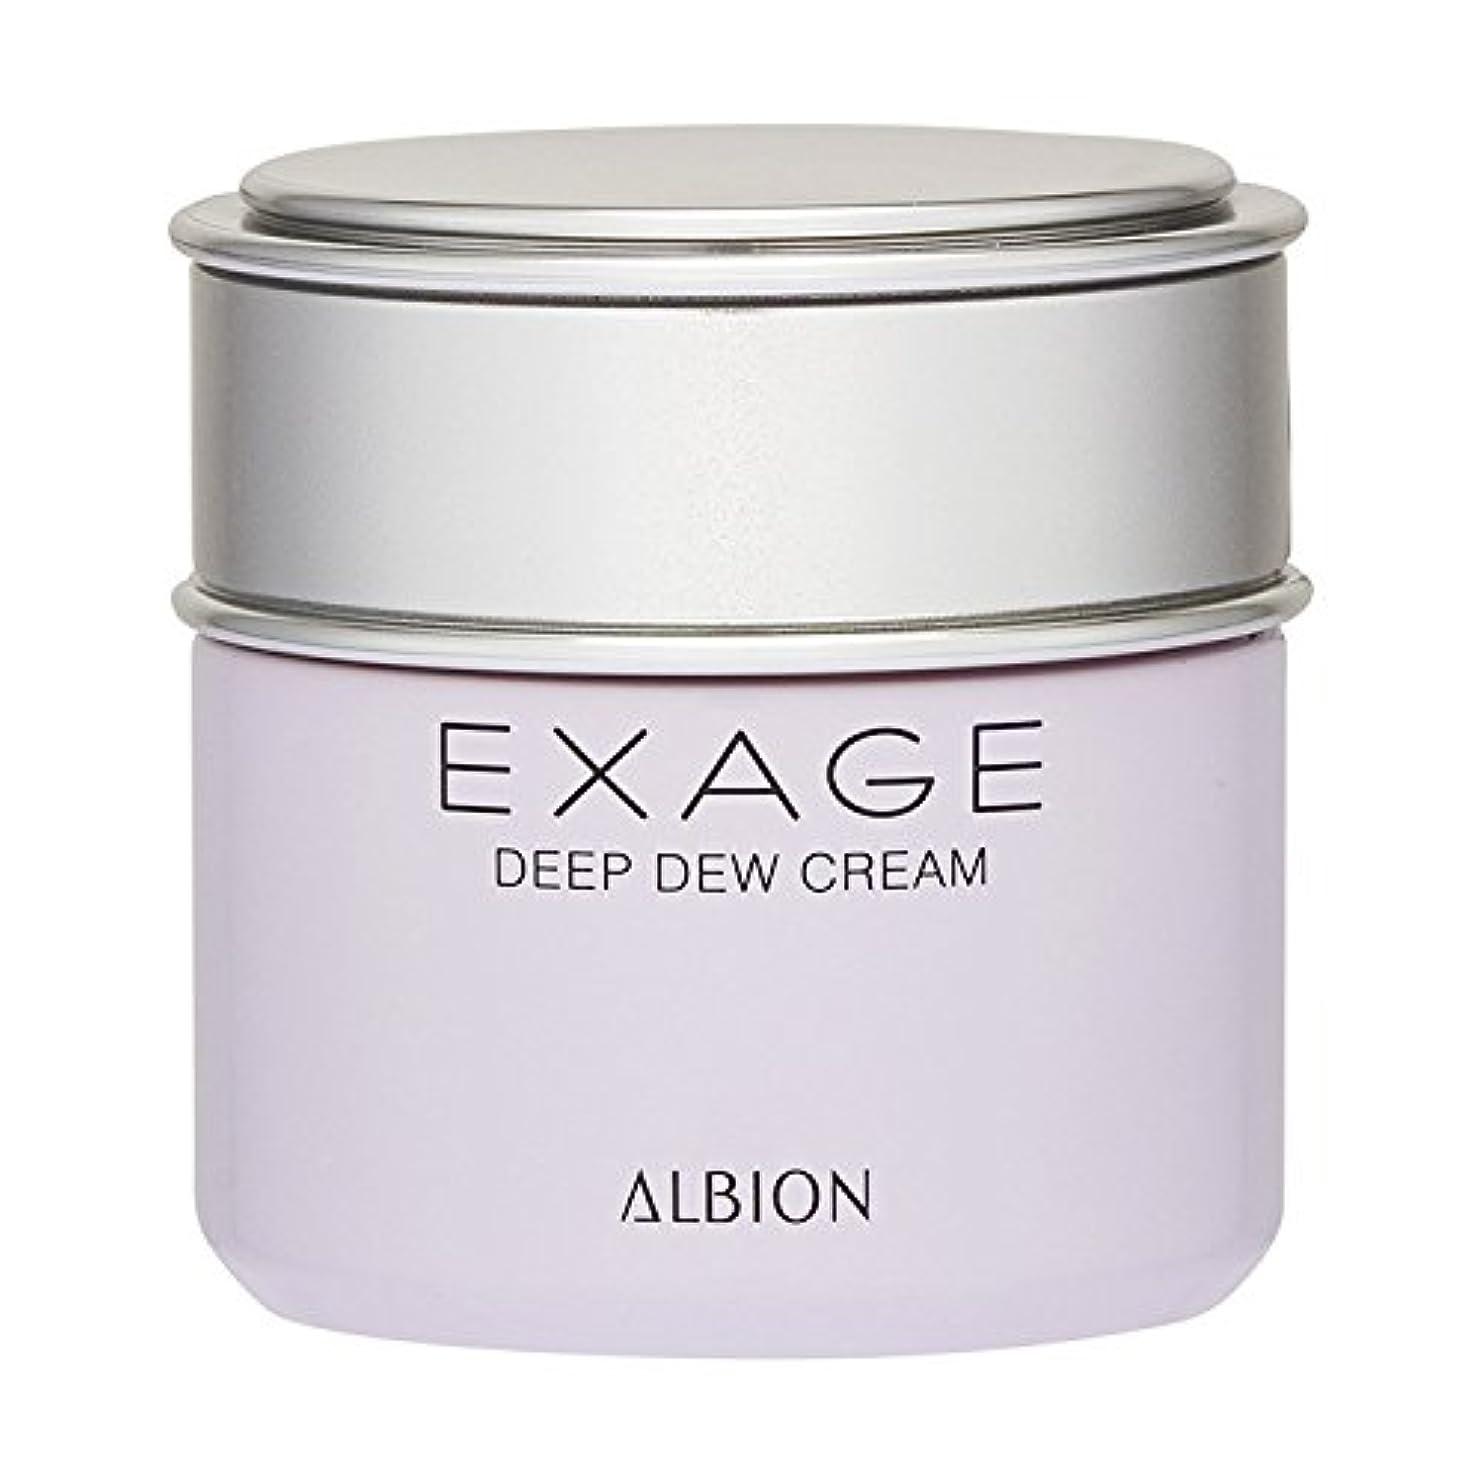 集中的な欠陥有効アルビオン エクサージュ ディープデュウ クリーム DEEP DEW CREAM 30g